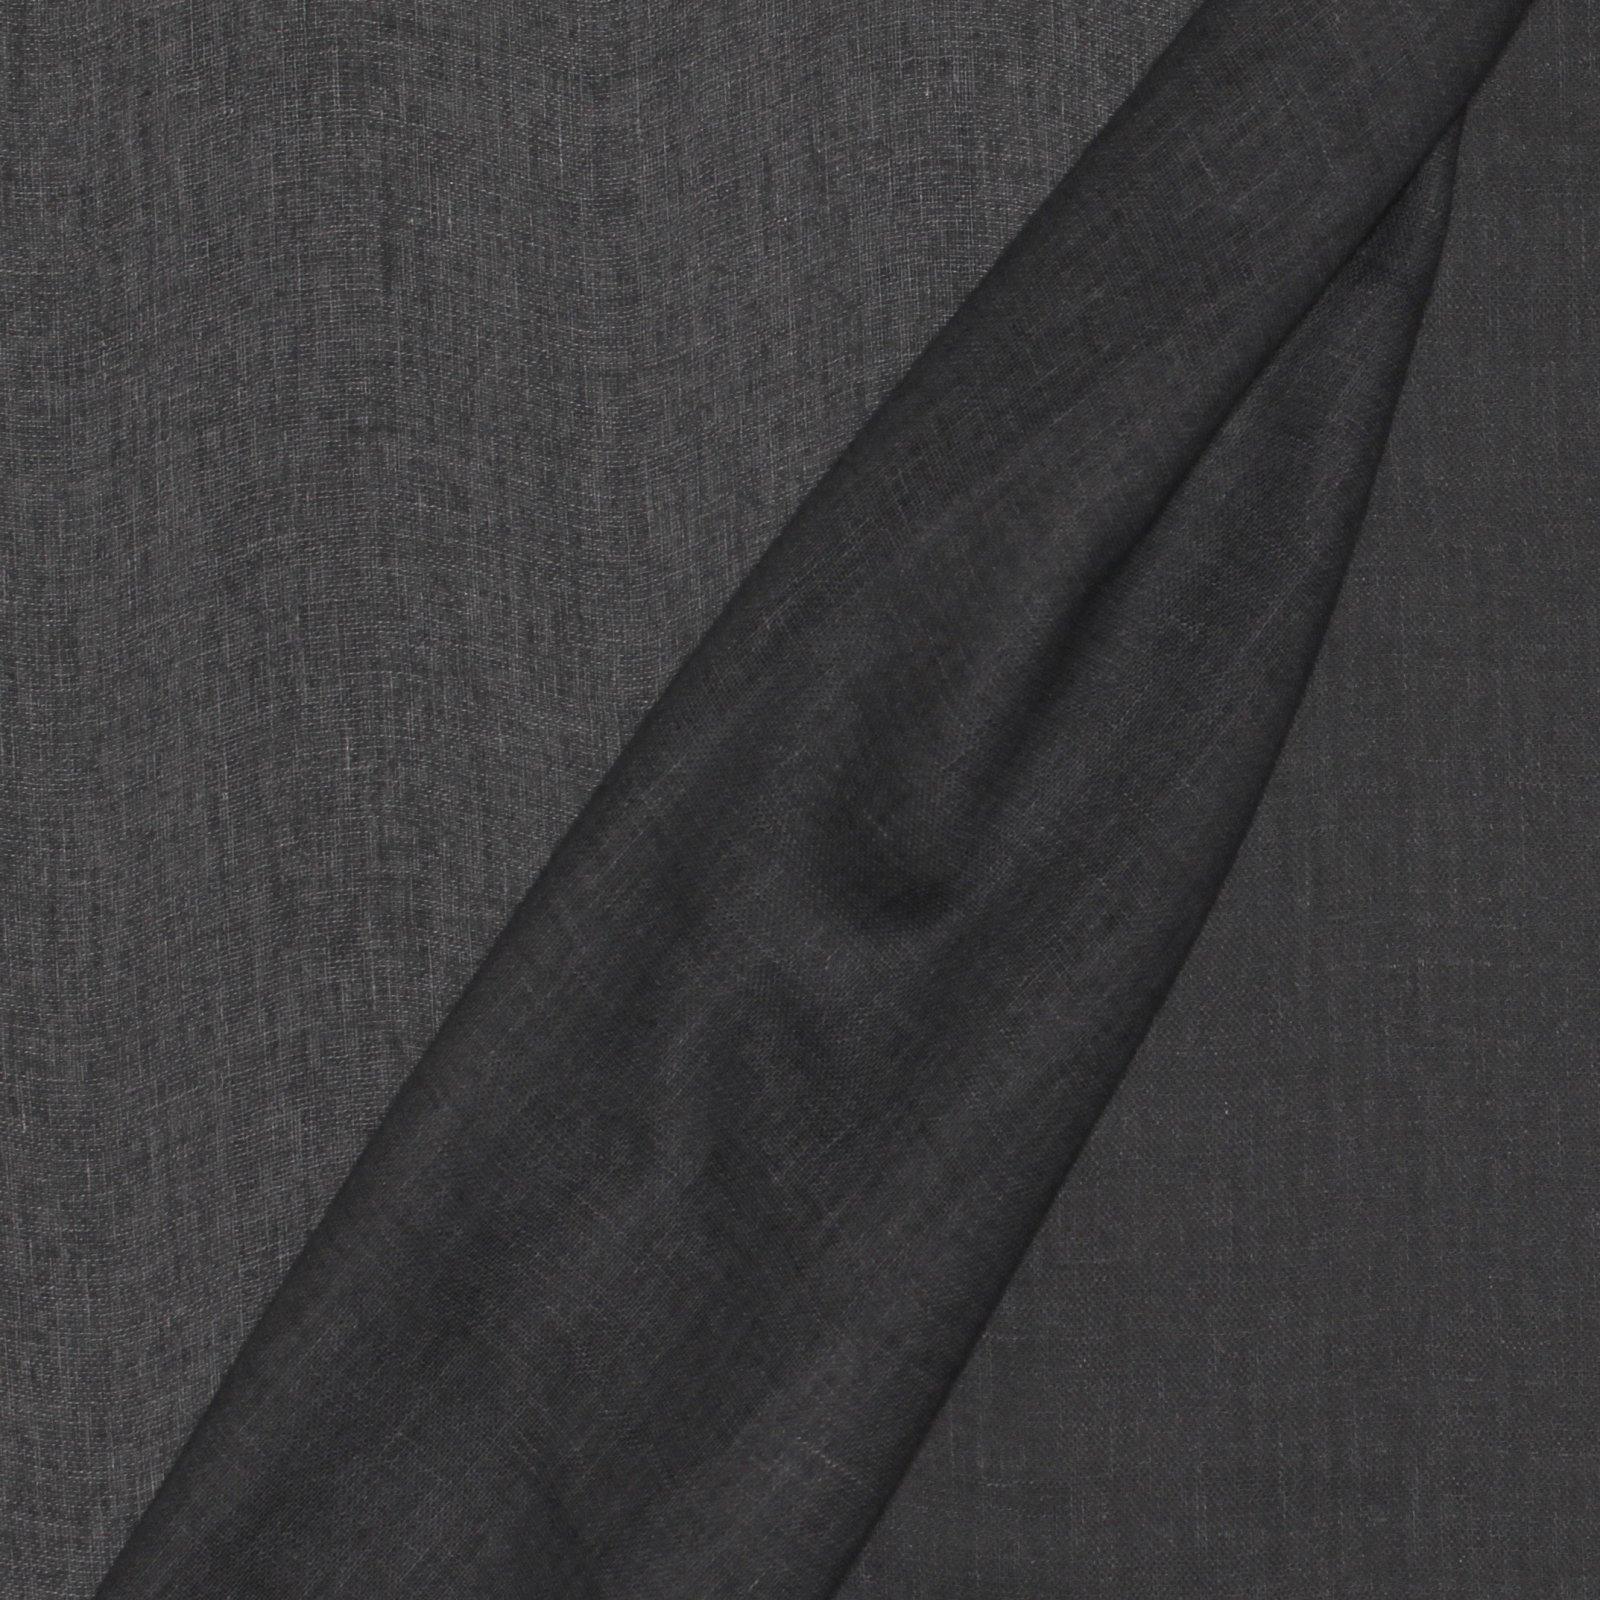 Denim Blue Double Gauze; Japanese Cotton/Linen Blend; 45%COTTON 55%LINEN - 45